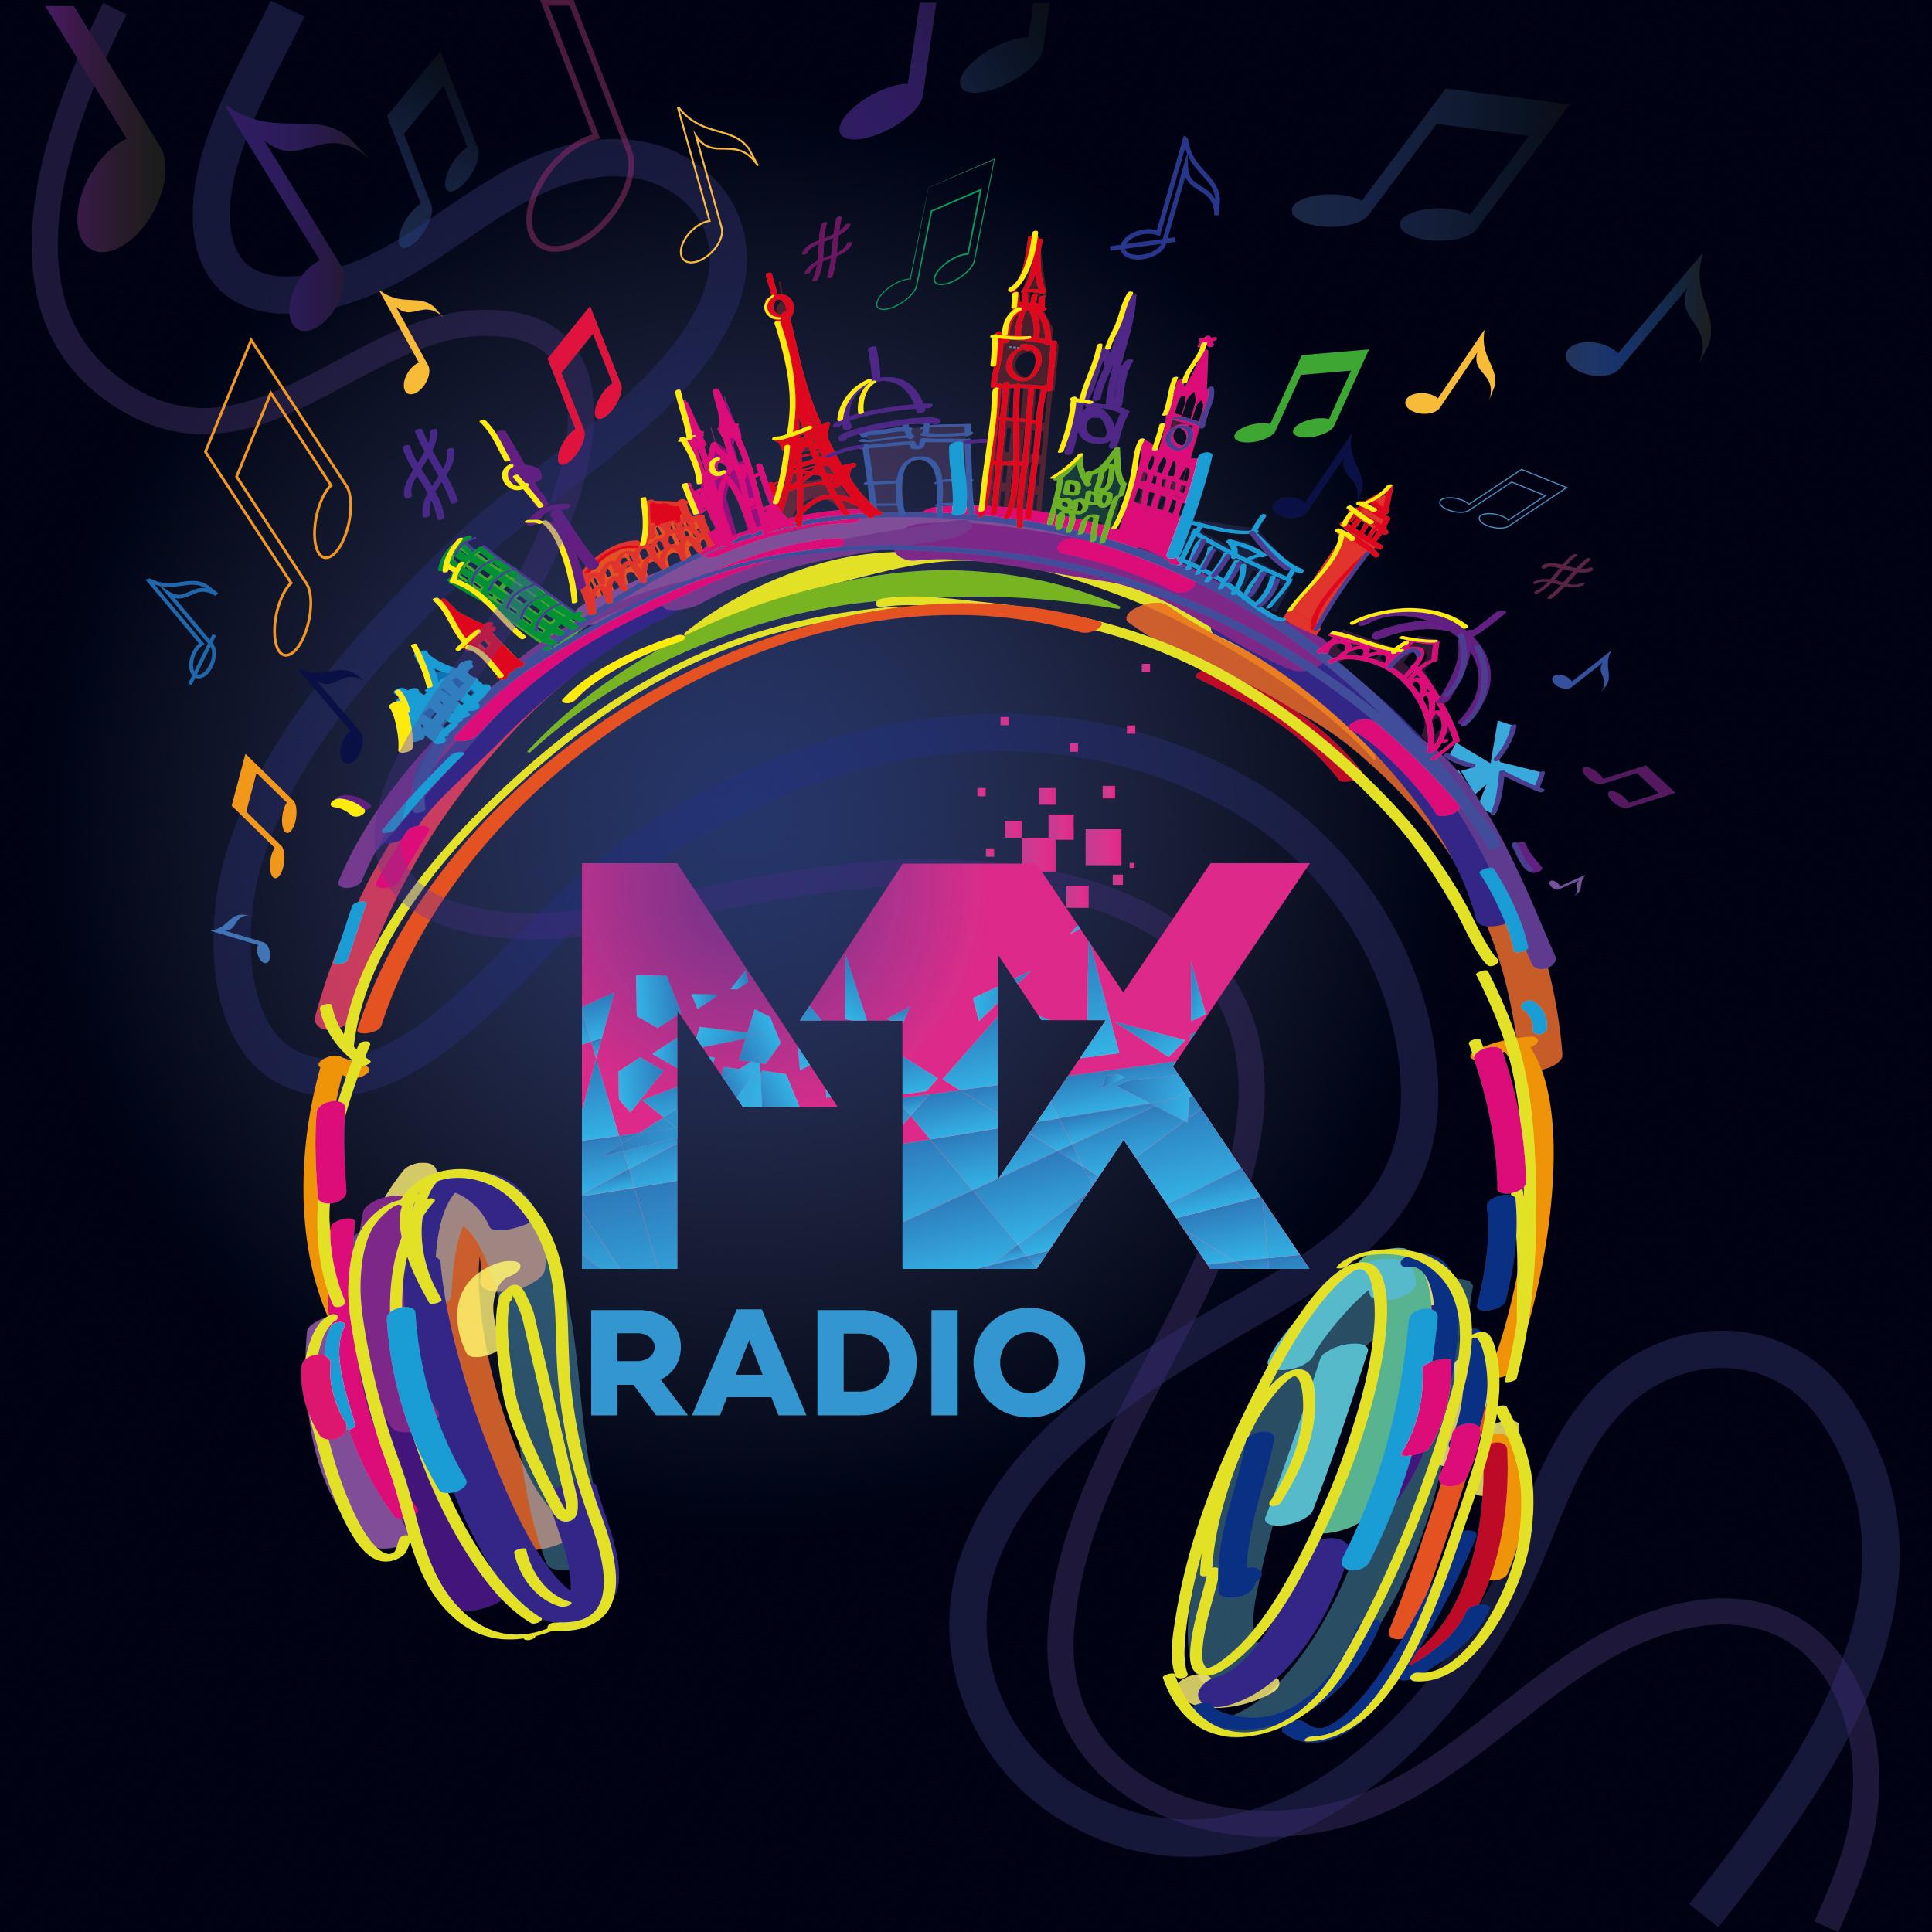 MusicaXtrema RAdio